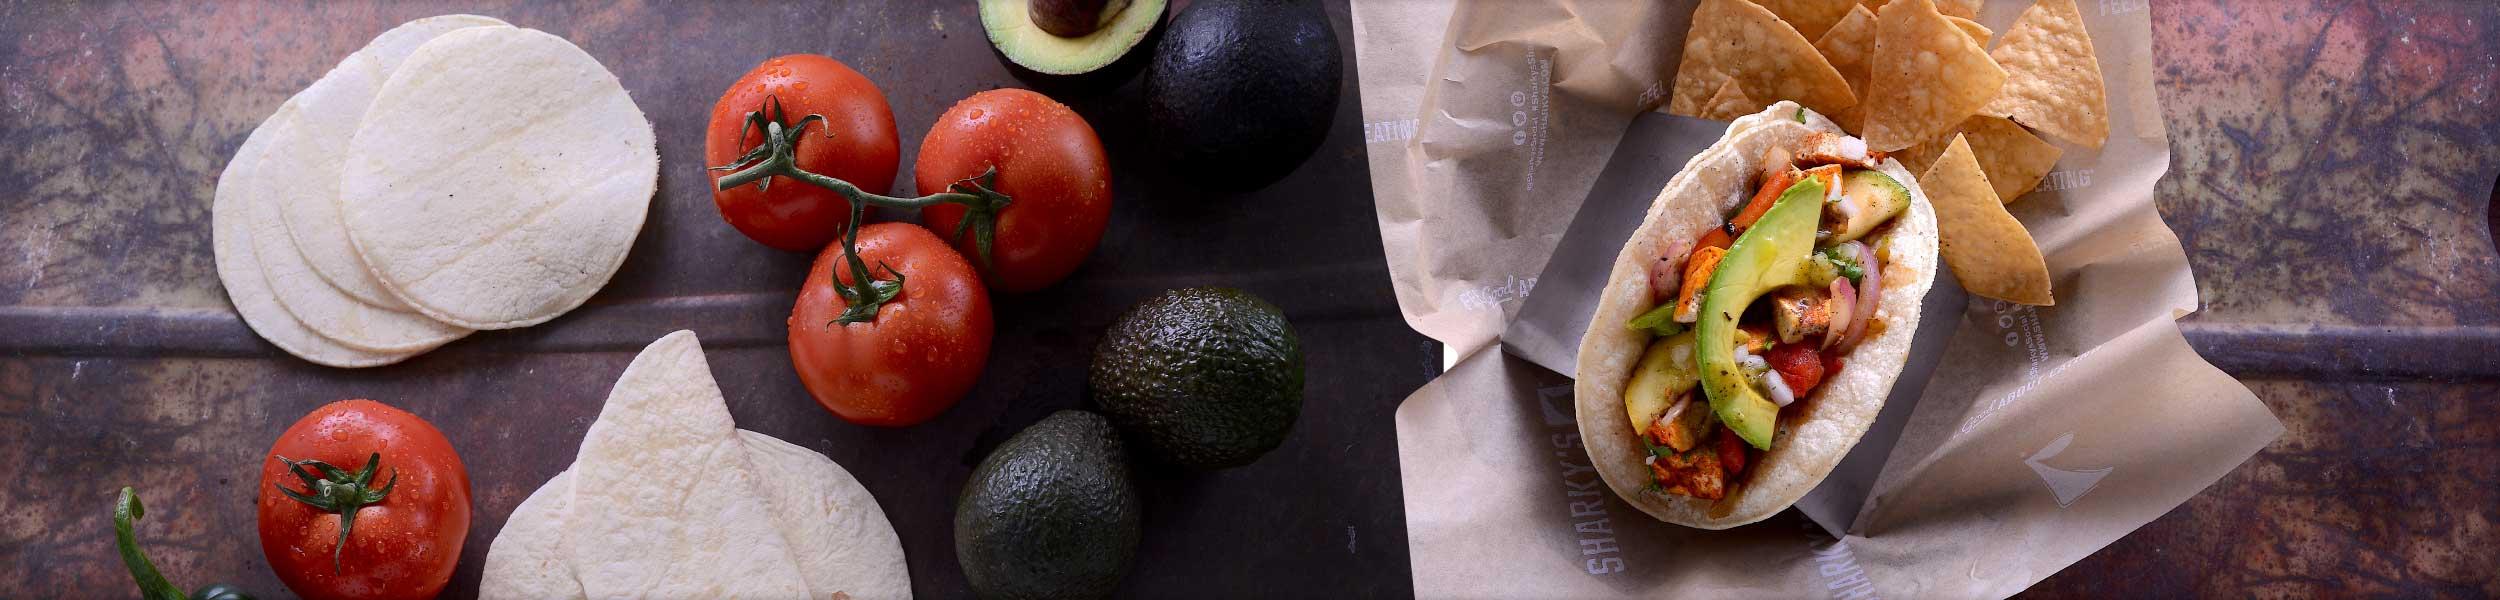 taco image background